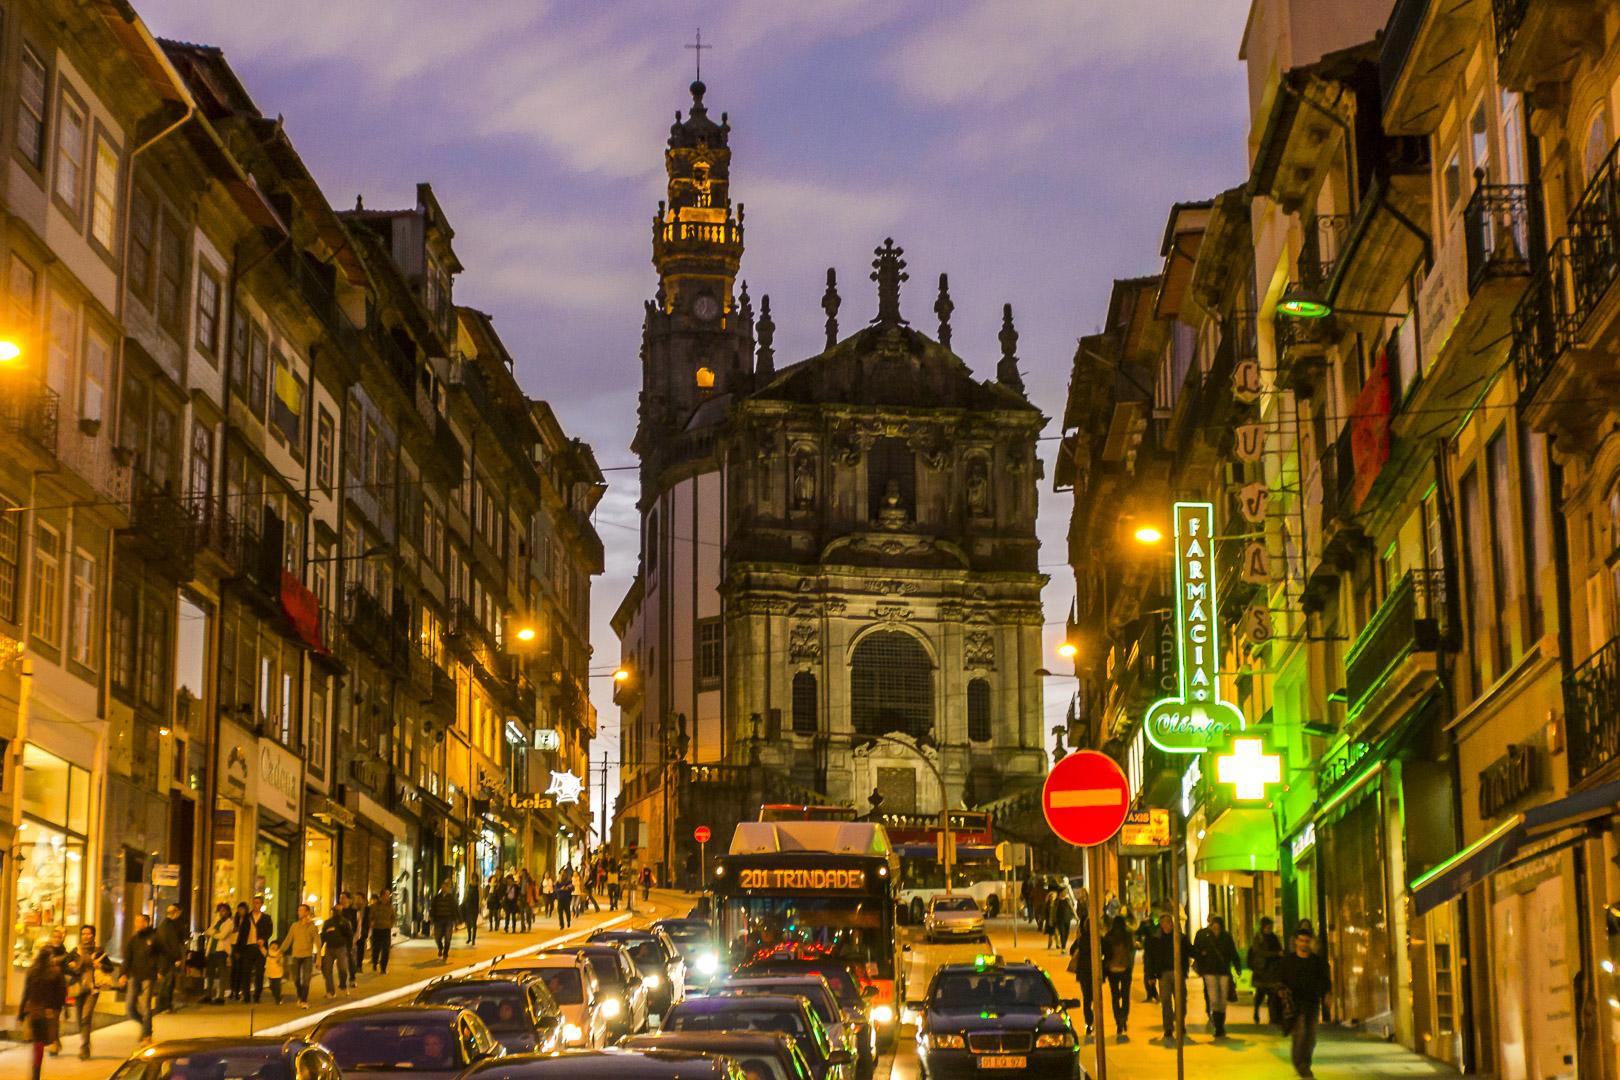 Afinal, há sobrevalorização dos preços das casas em Portugal?